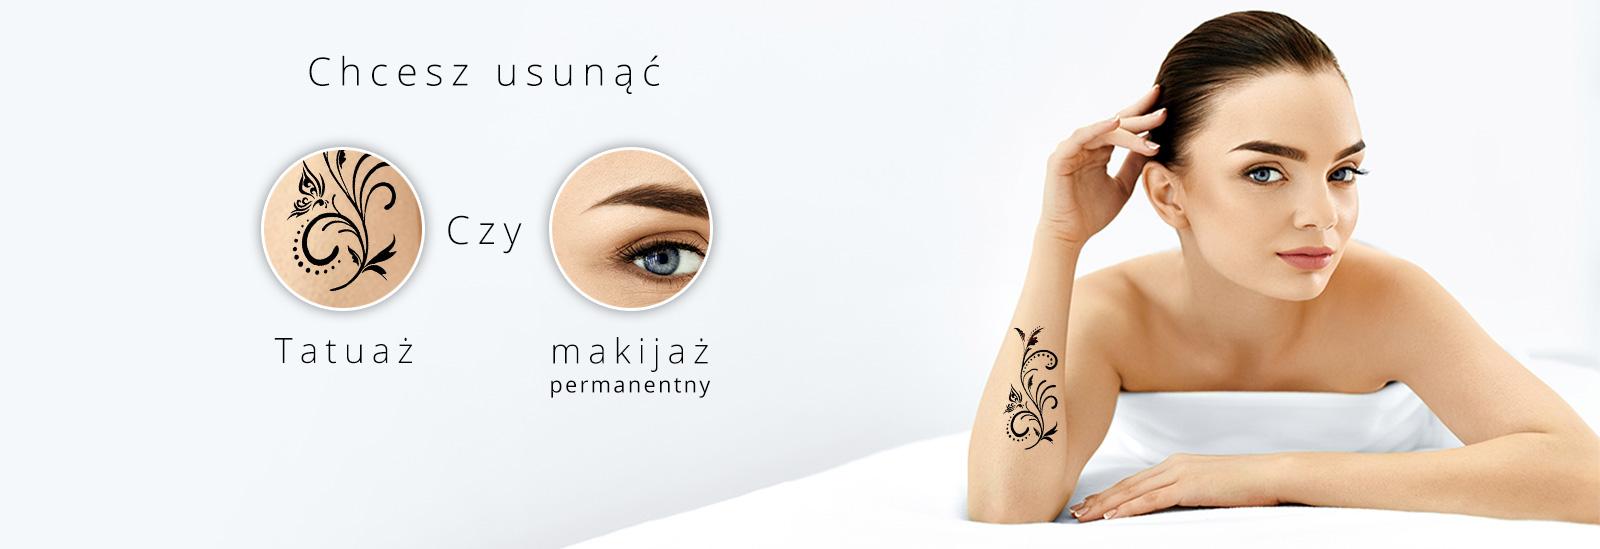 Jakie urządzenie do usuwanie tatuażu i makijażu